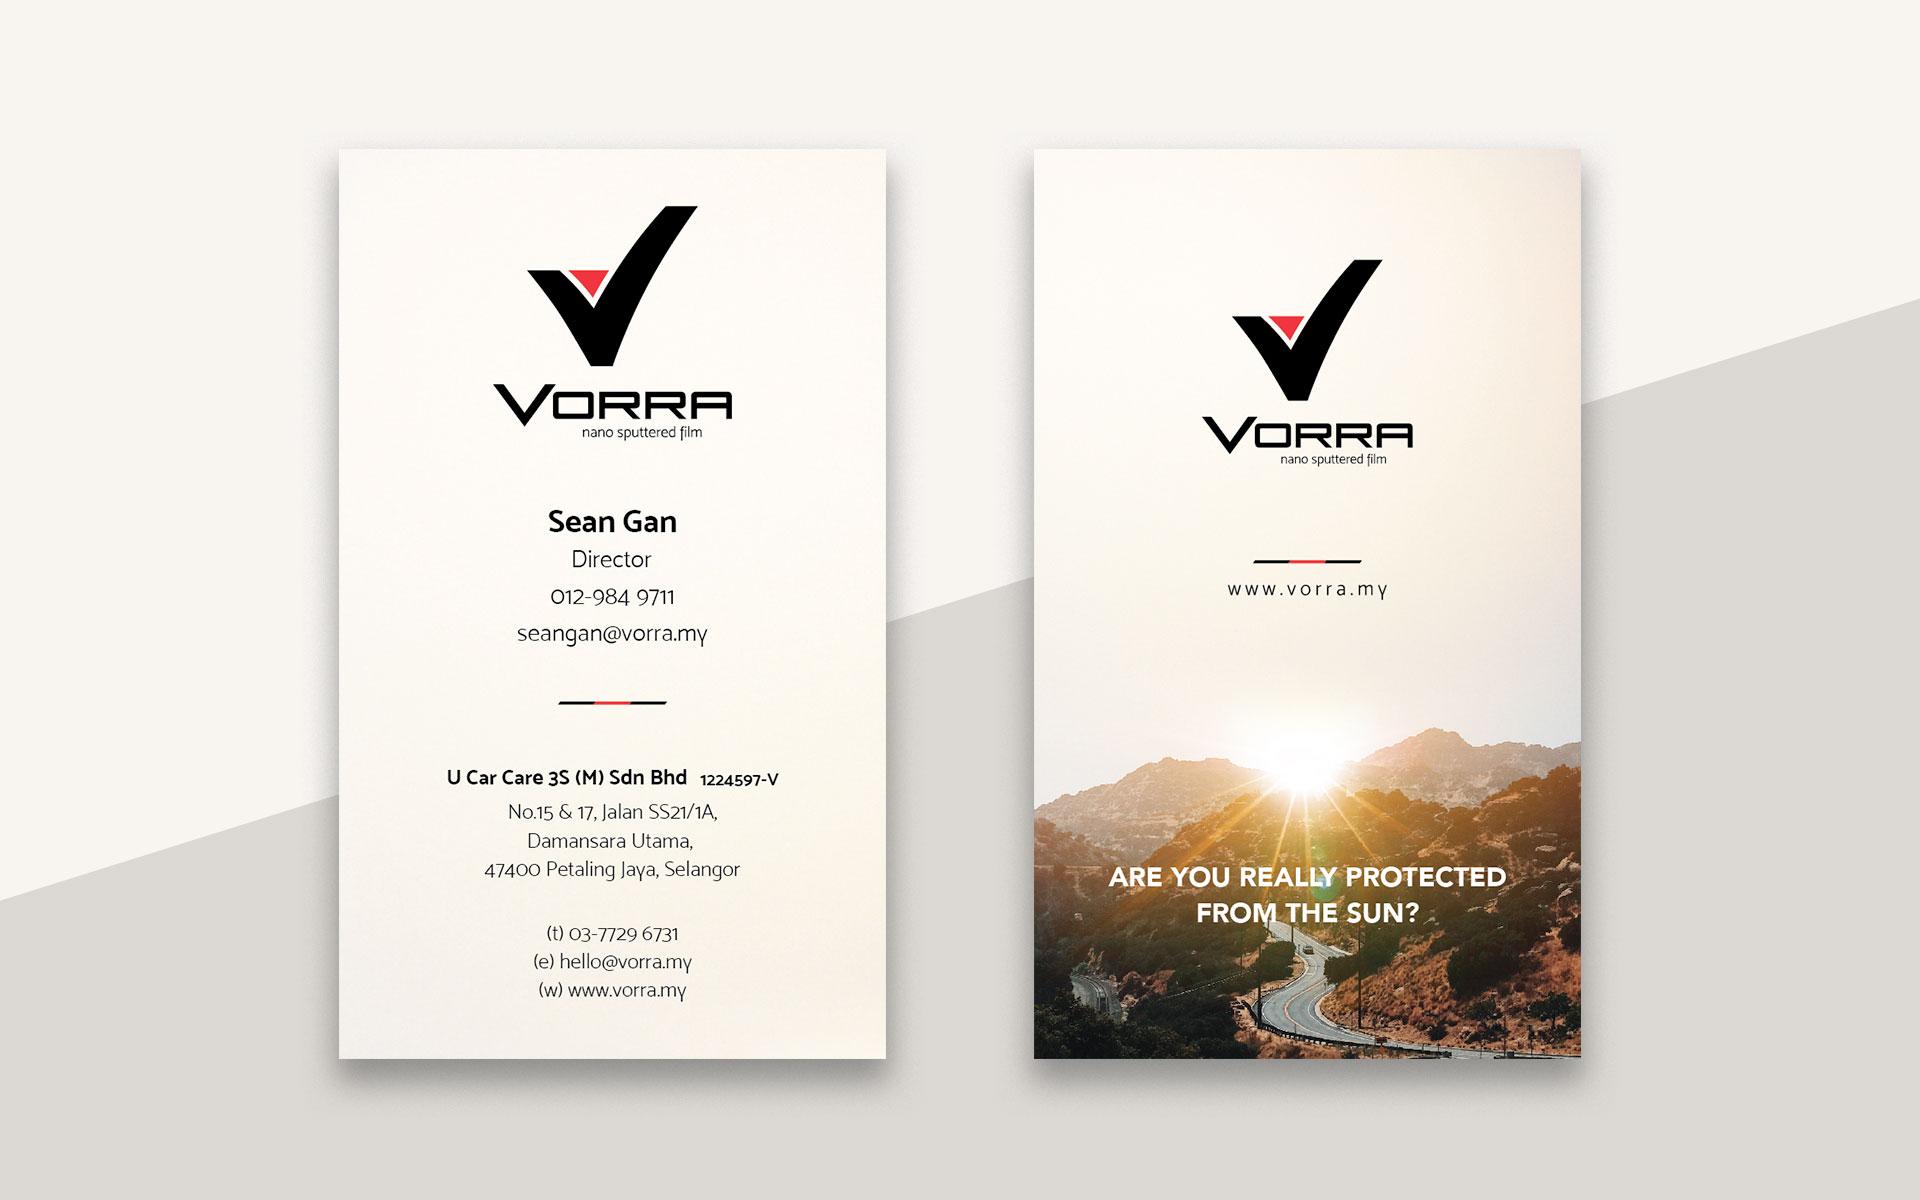 VORRA Business Card